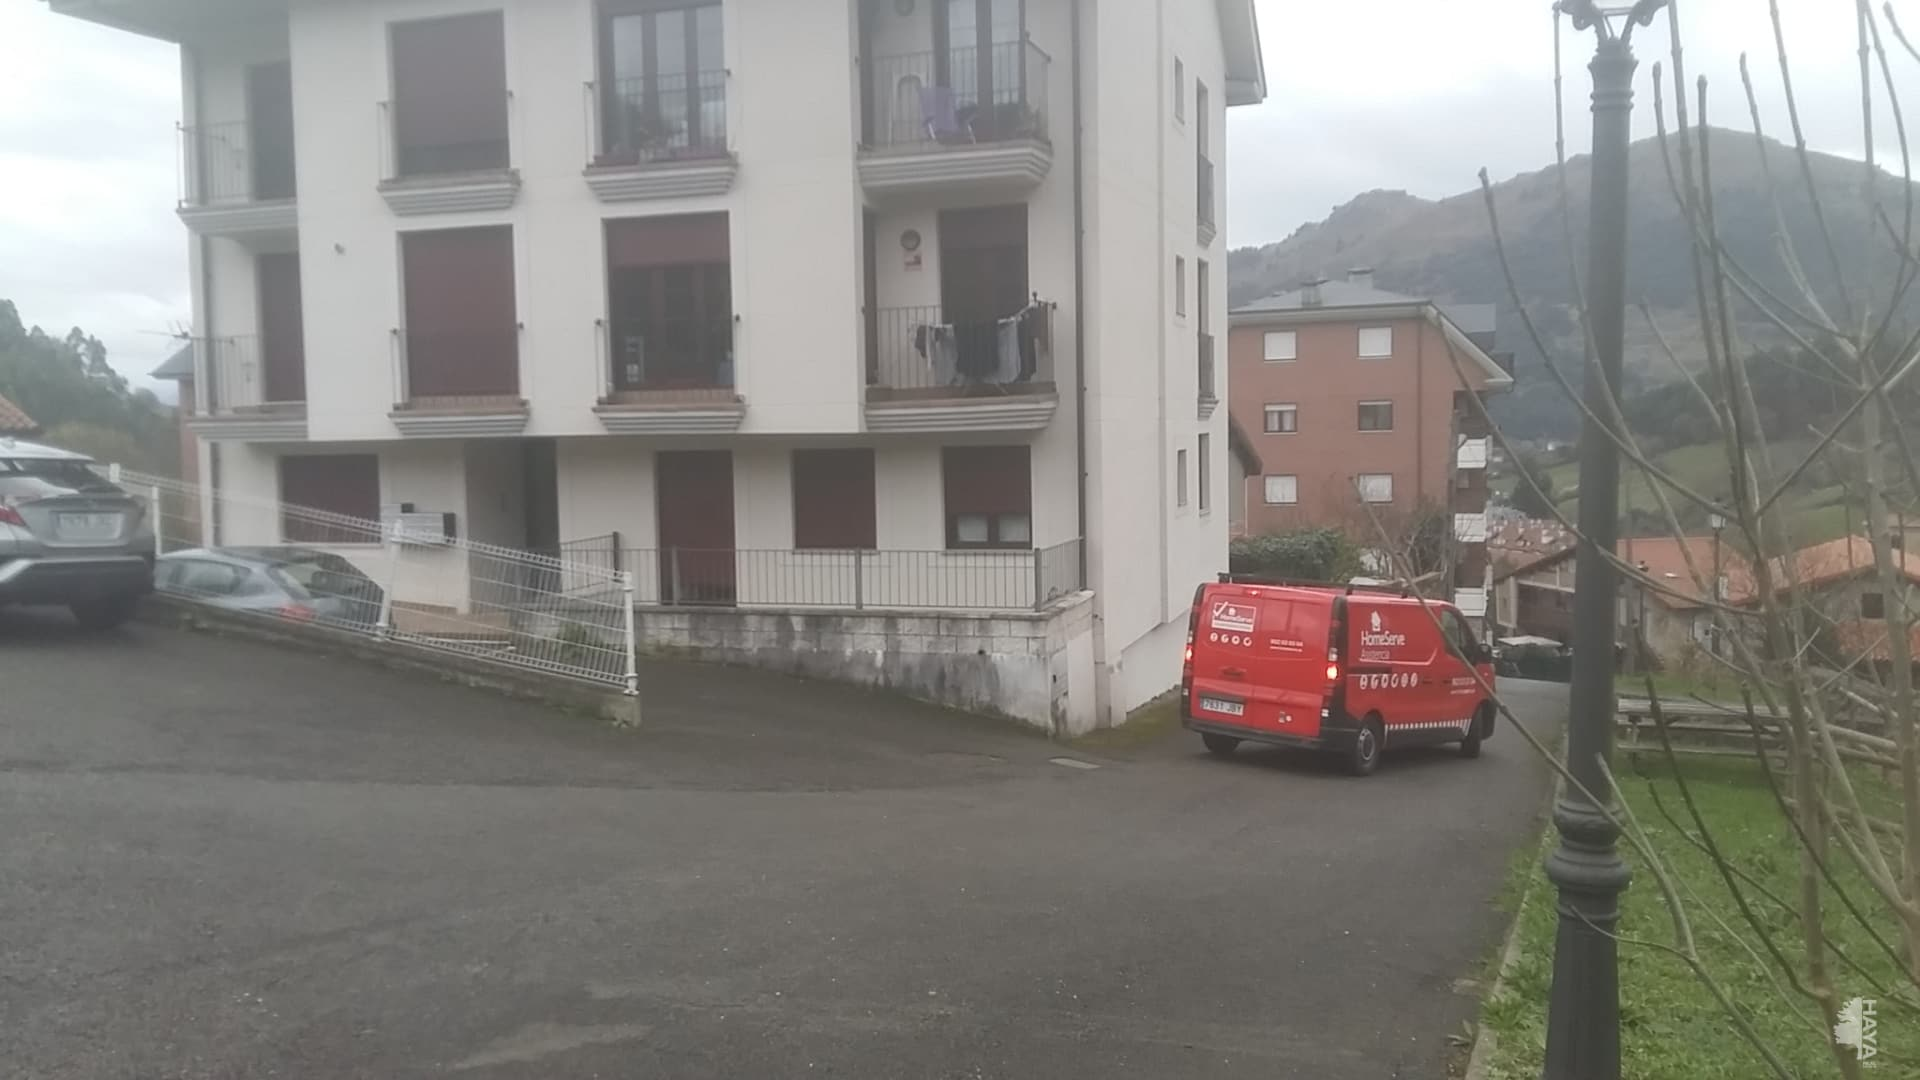 Piso en venta en Limpias, Cantabria, Calle del Canton, 80.000 €, 3 habitaciones, 1 baño, 99 m2